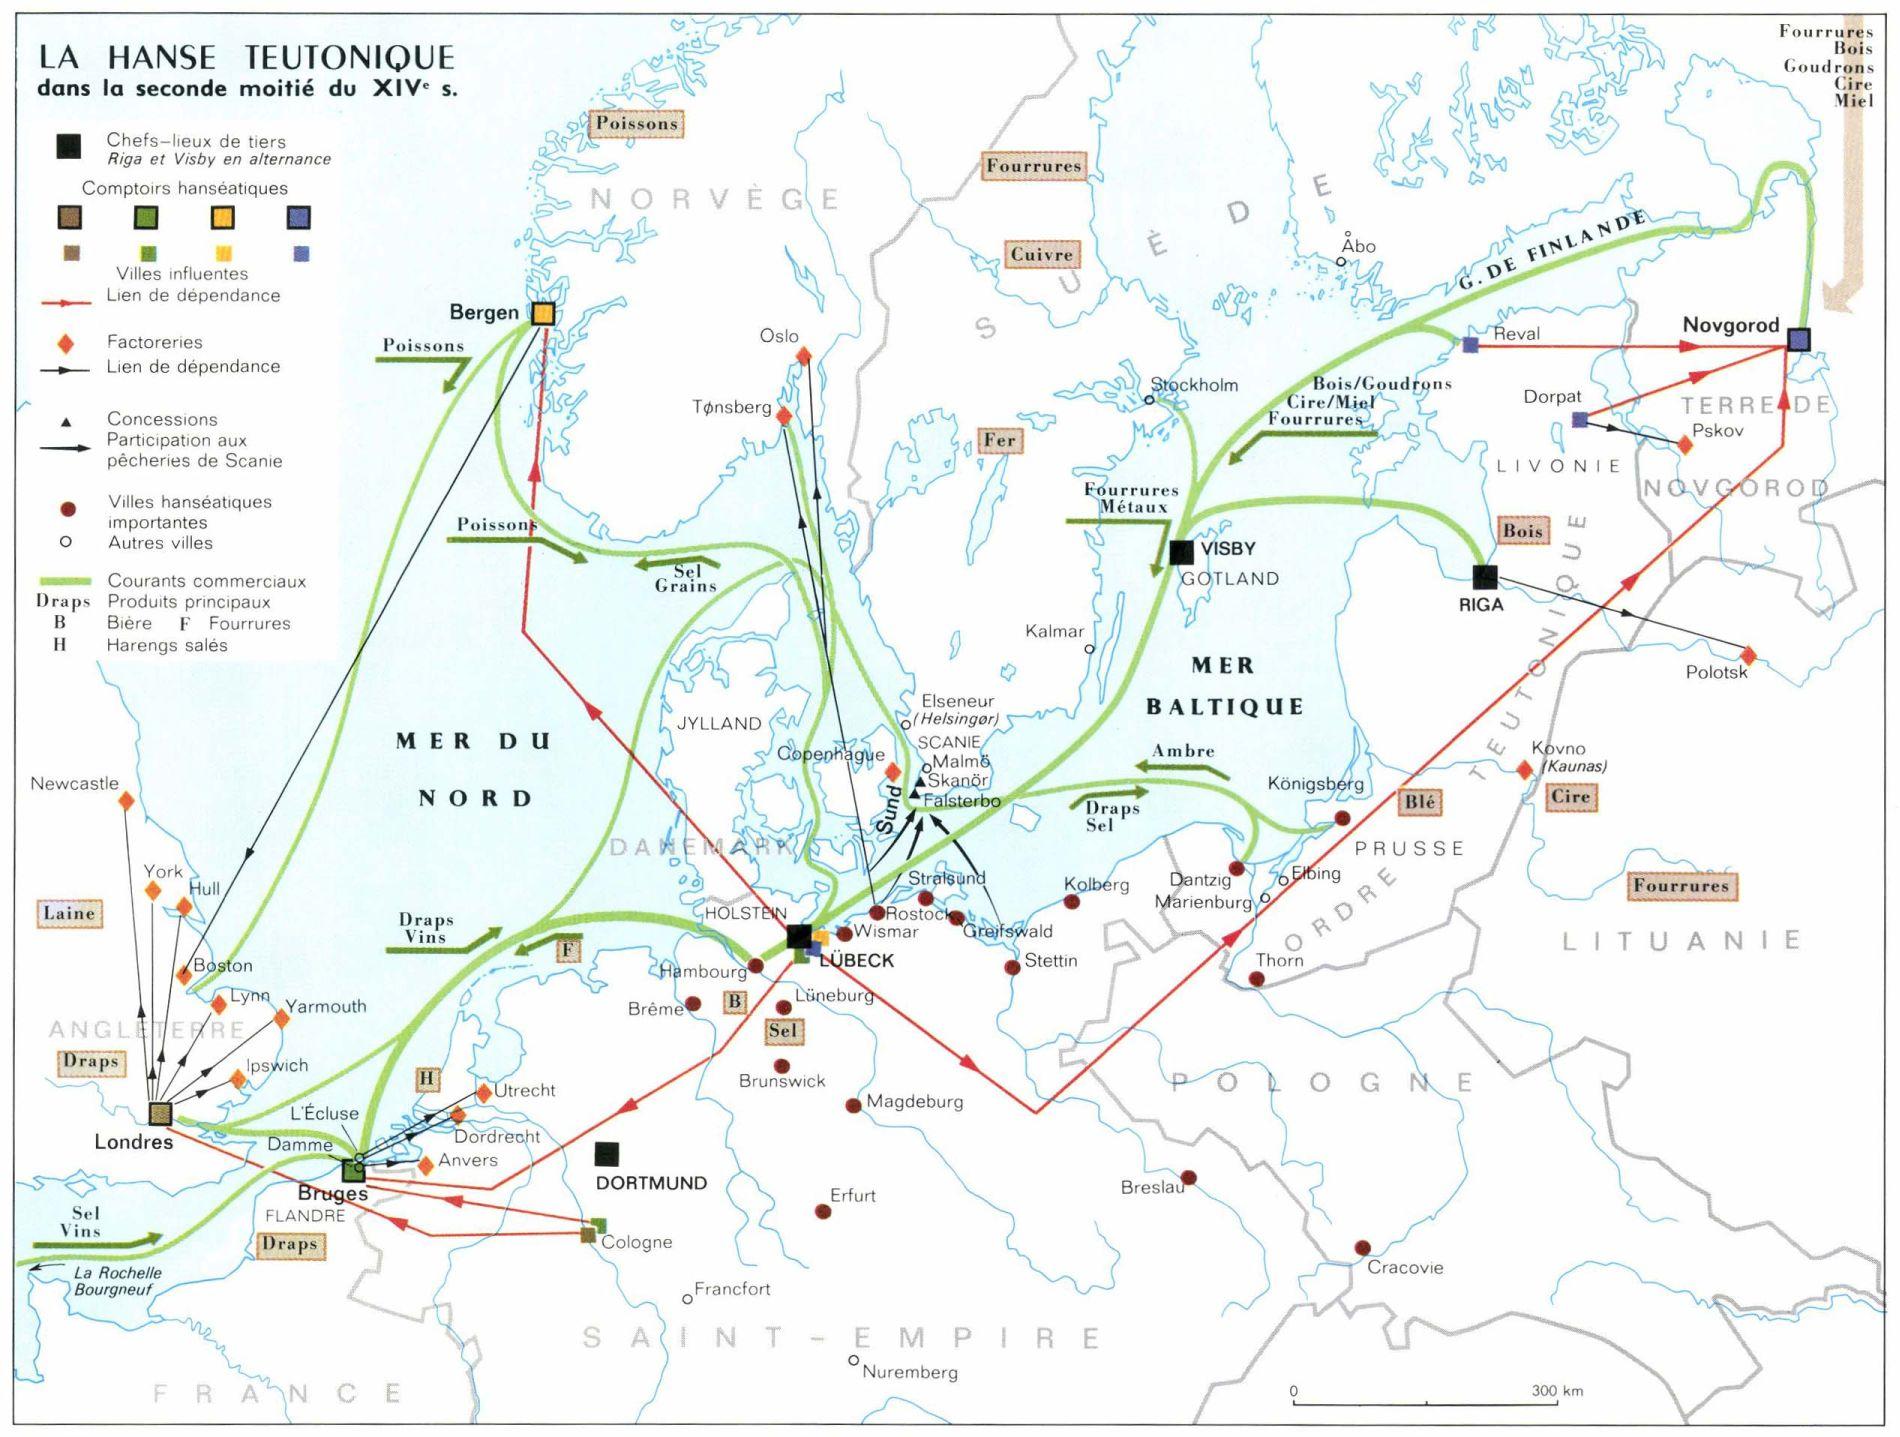 Les routes commerciales en vigueur dans la ligue hanséatique